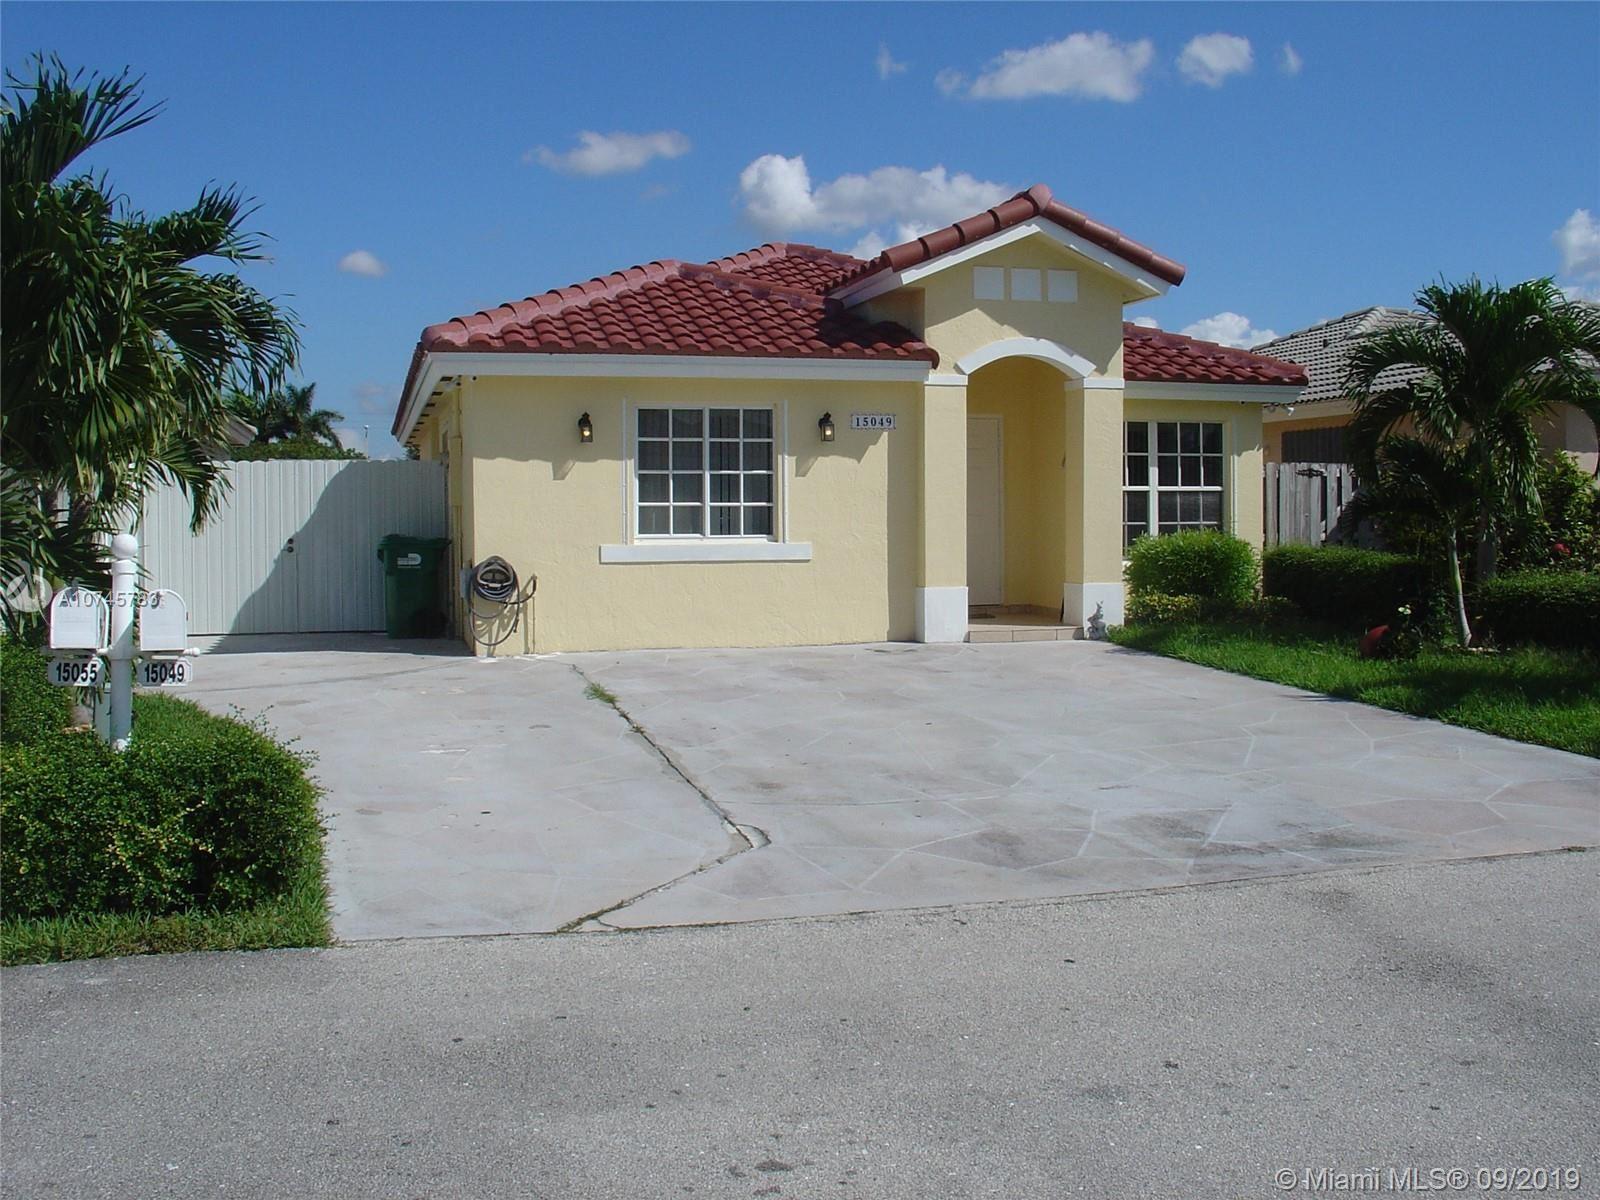 15049 SW 138th Ter, Miami, FL 33196 - MLS#: A10745783